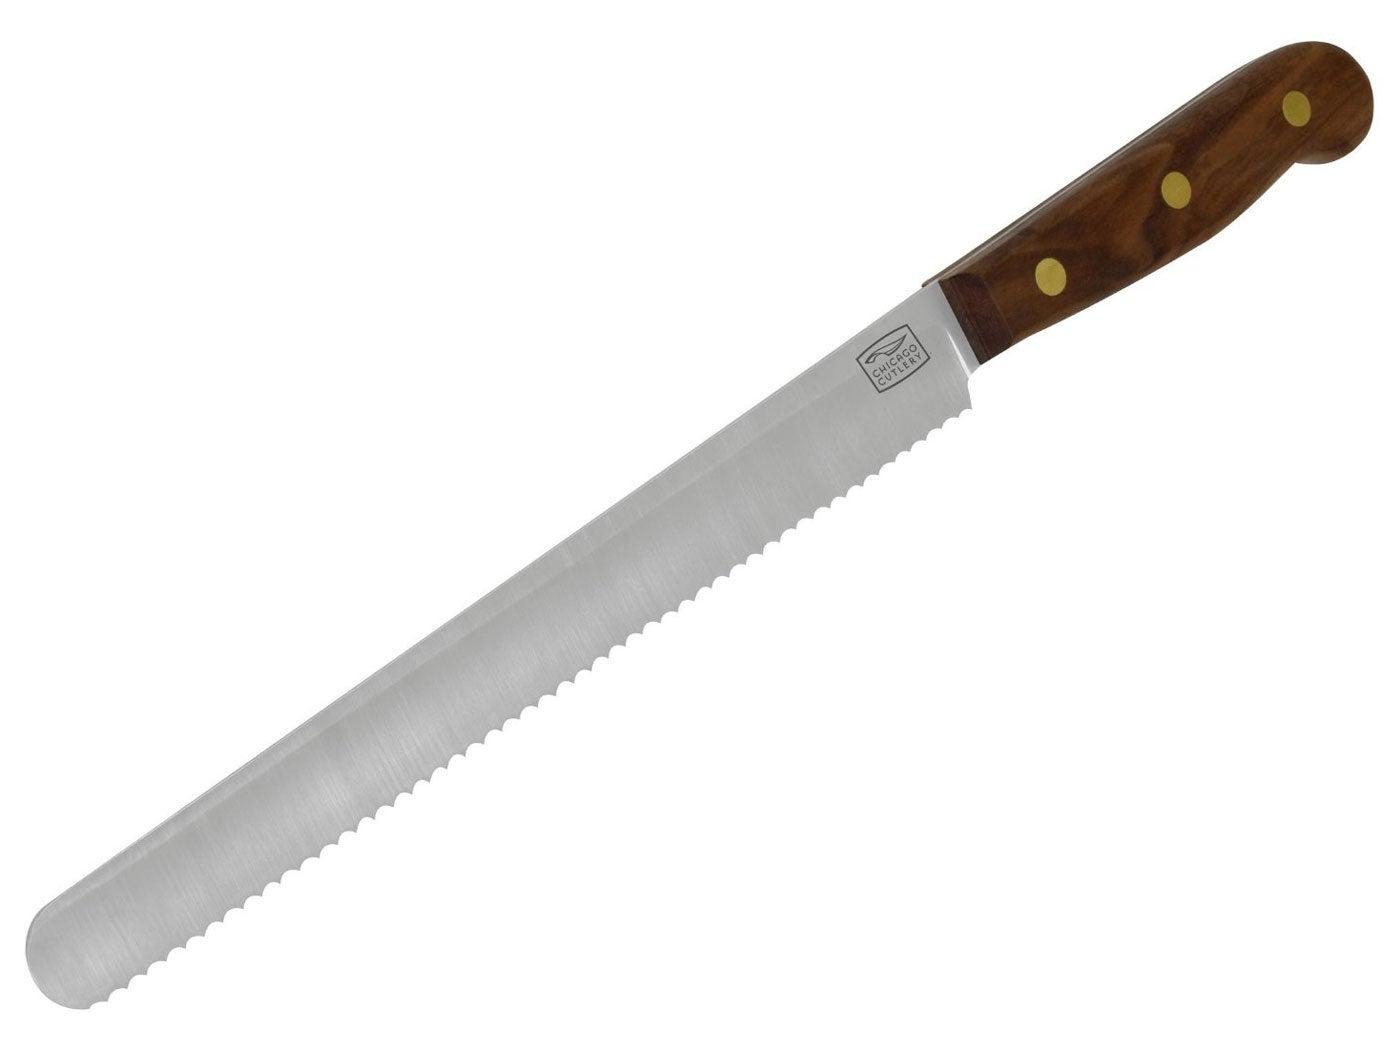 Chicago Cutlery Walnut Serrated Knife